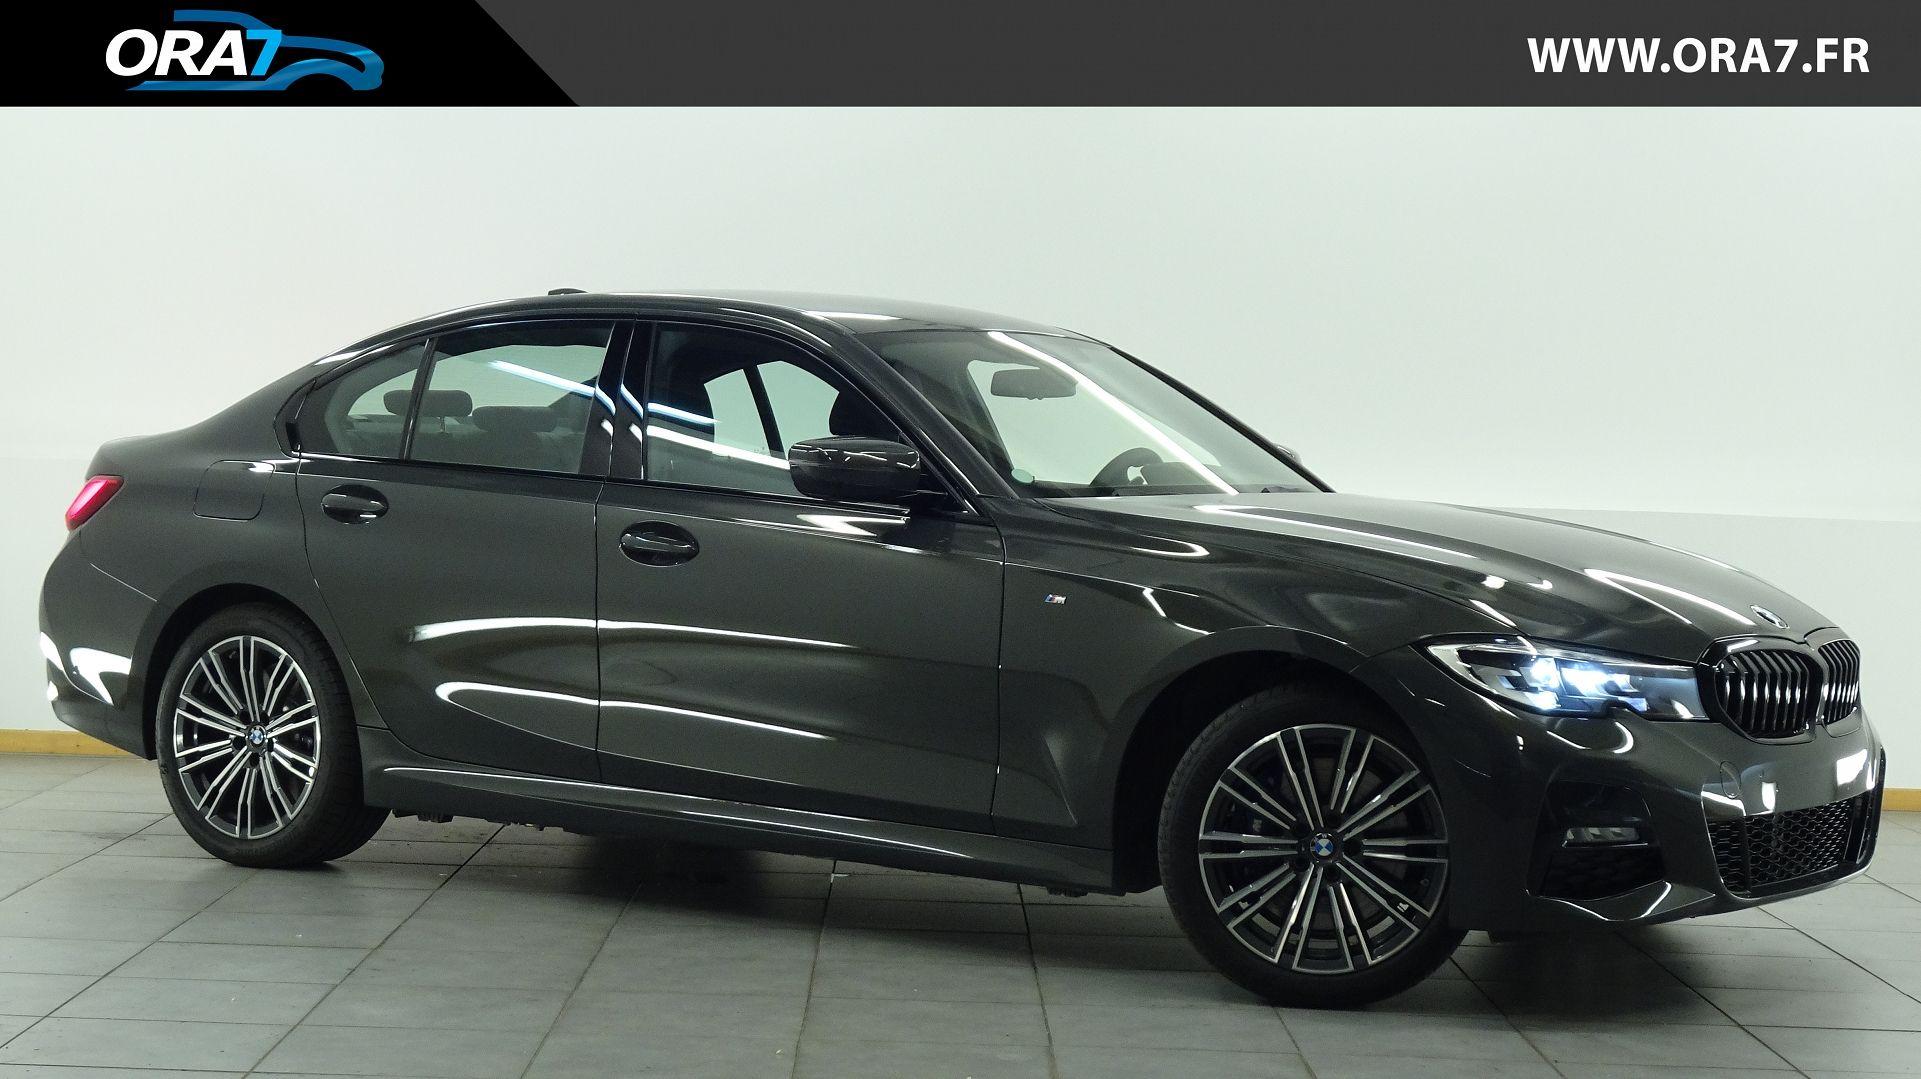 Nouvelle BMW SERIE 3 (G20) 330EA XDRIVE 292CH M SPORT en leasing chez Click and Lease